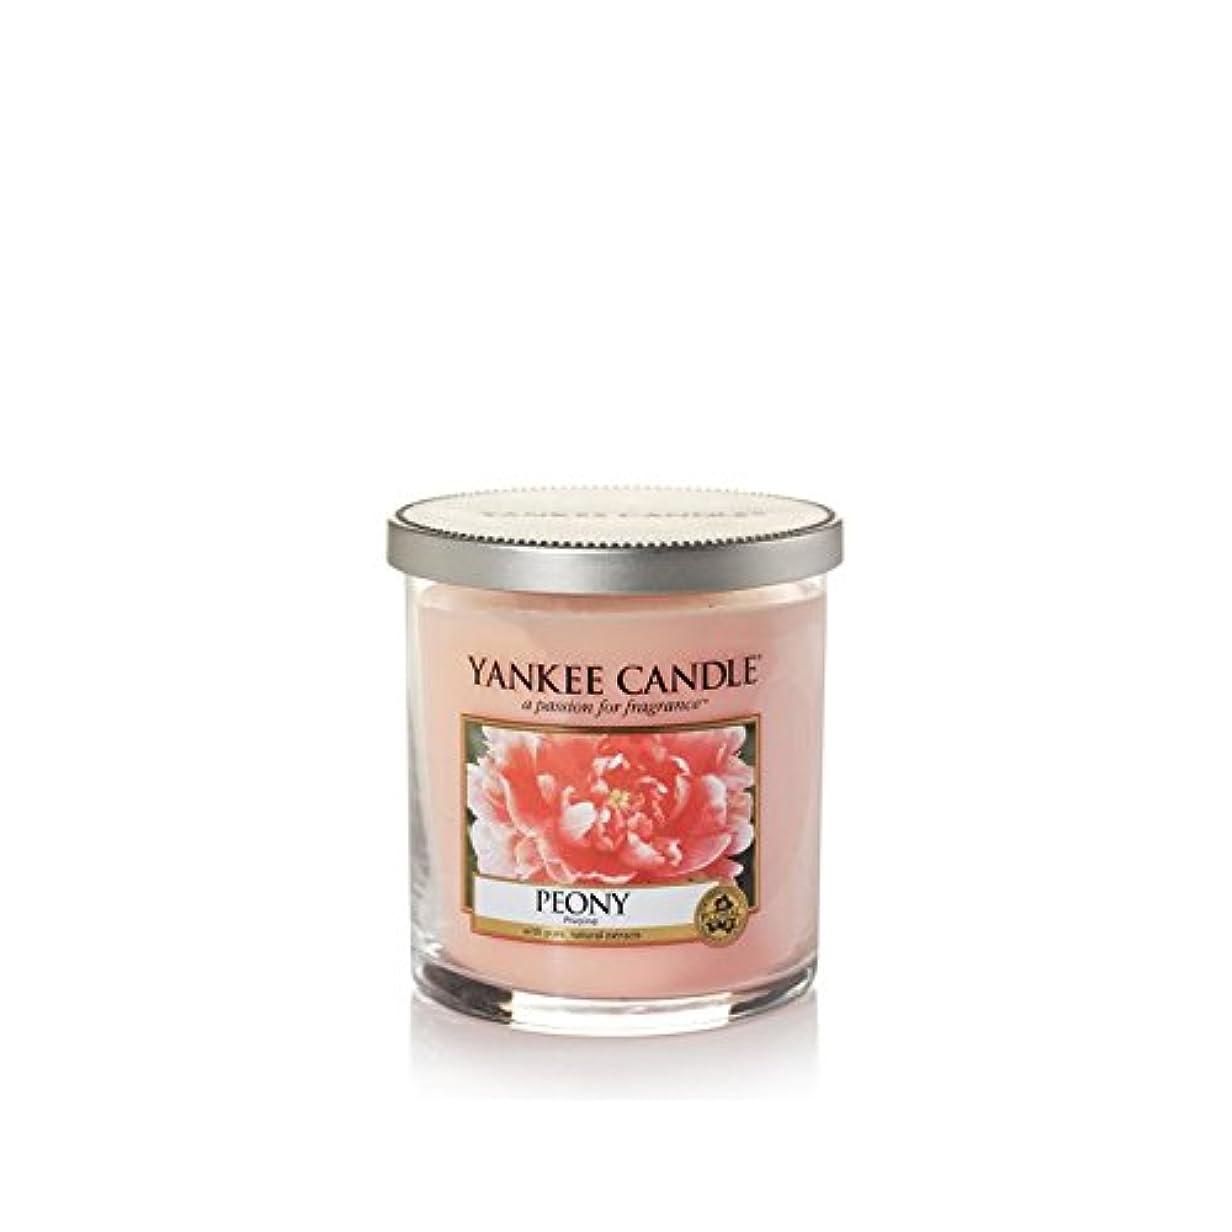 オークランド食い違い制約Yankee Candles Small Pillar Candle - Peony (Pack of 6) - ヤンキーキャンドルの小さな柱キャンドル - 牡丹 (x6) [並行輸入品]